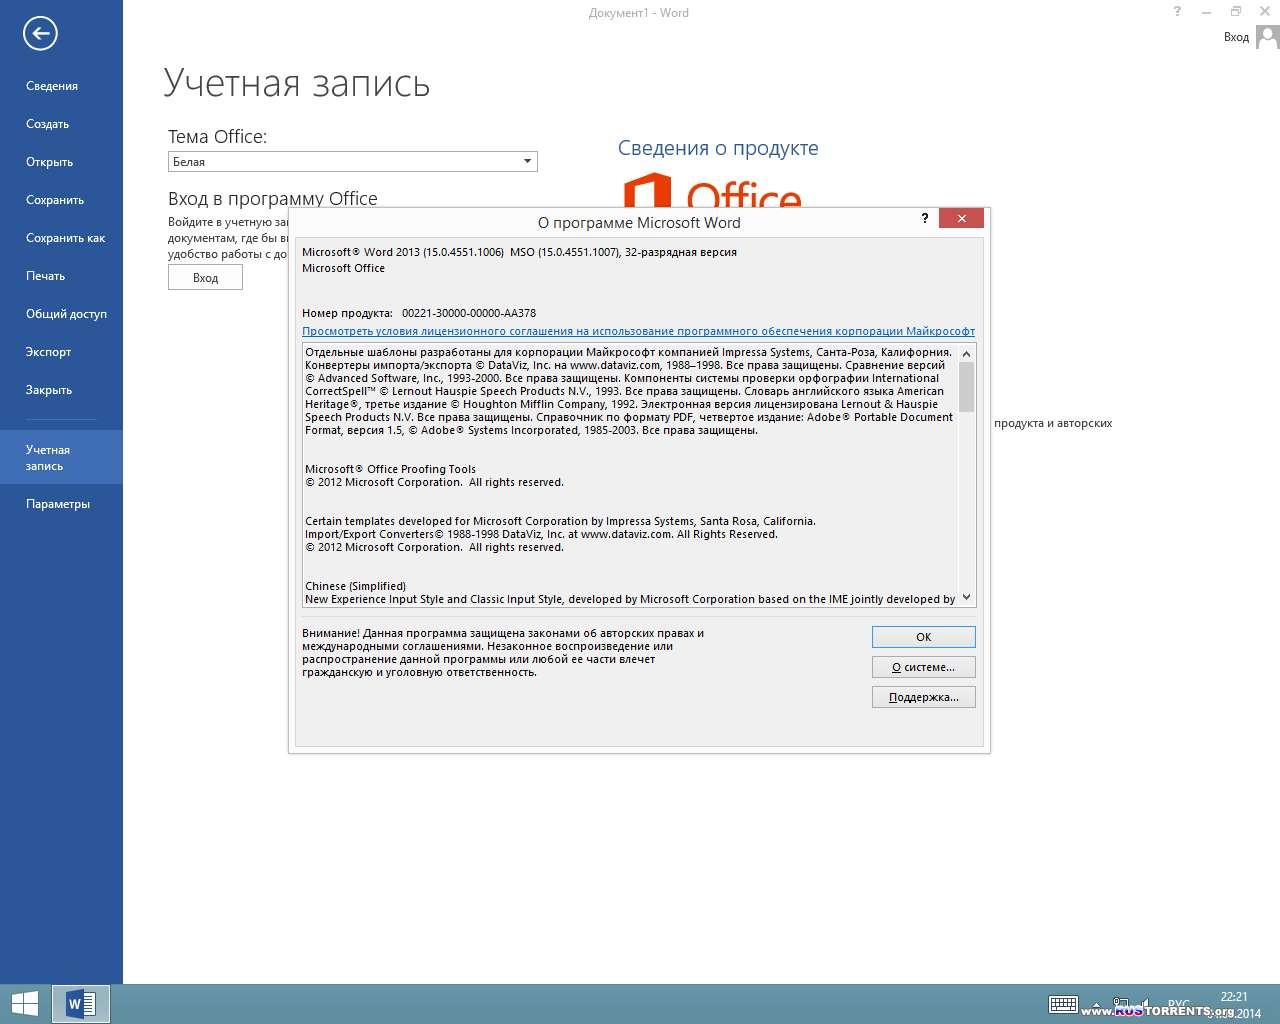 Microsoft Word 2013 | RePack by D!akov v.15.0.4551.1007